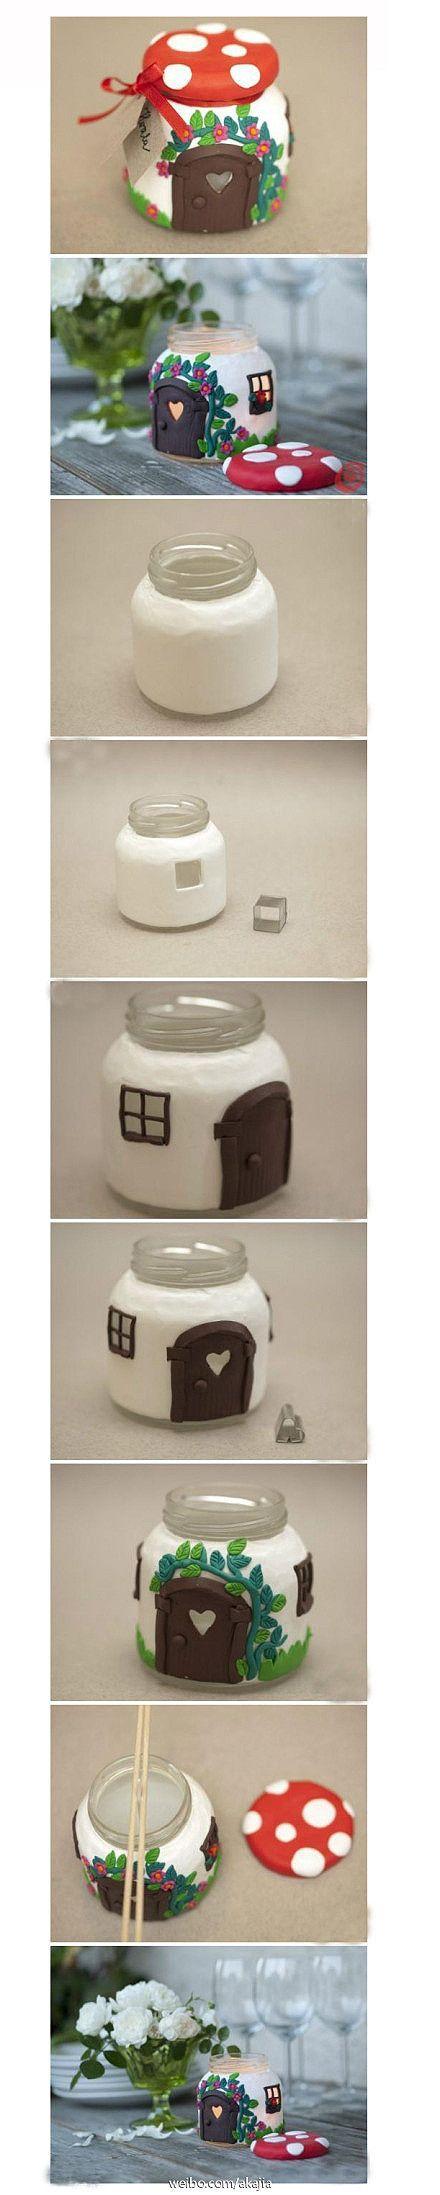 Handmade DIY Meng things / baby art and design Askar hand: # handmade diy # mushroom hut waste ... - ink ...